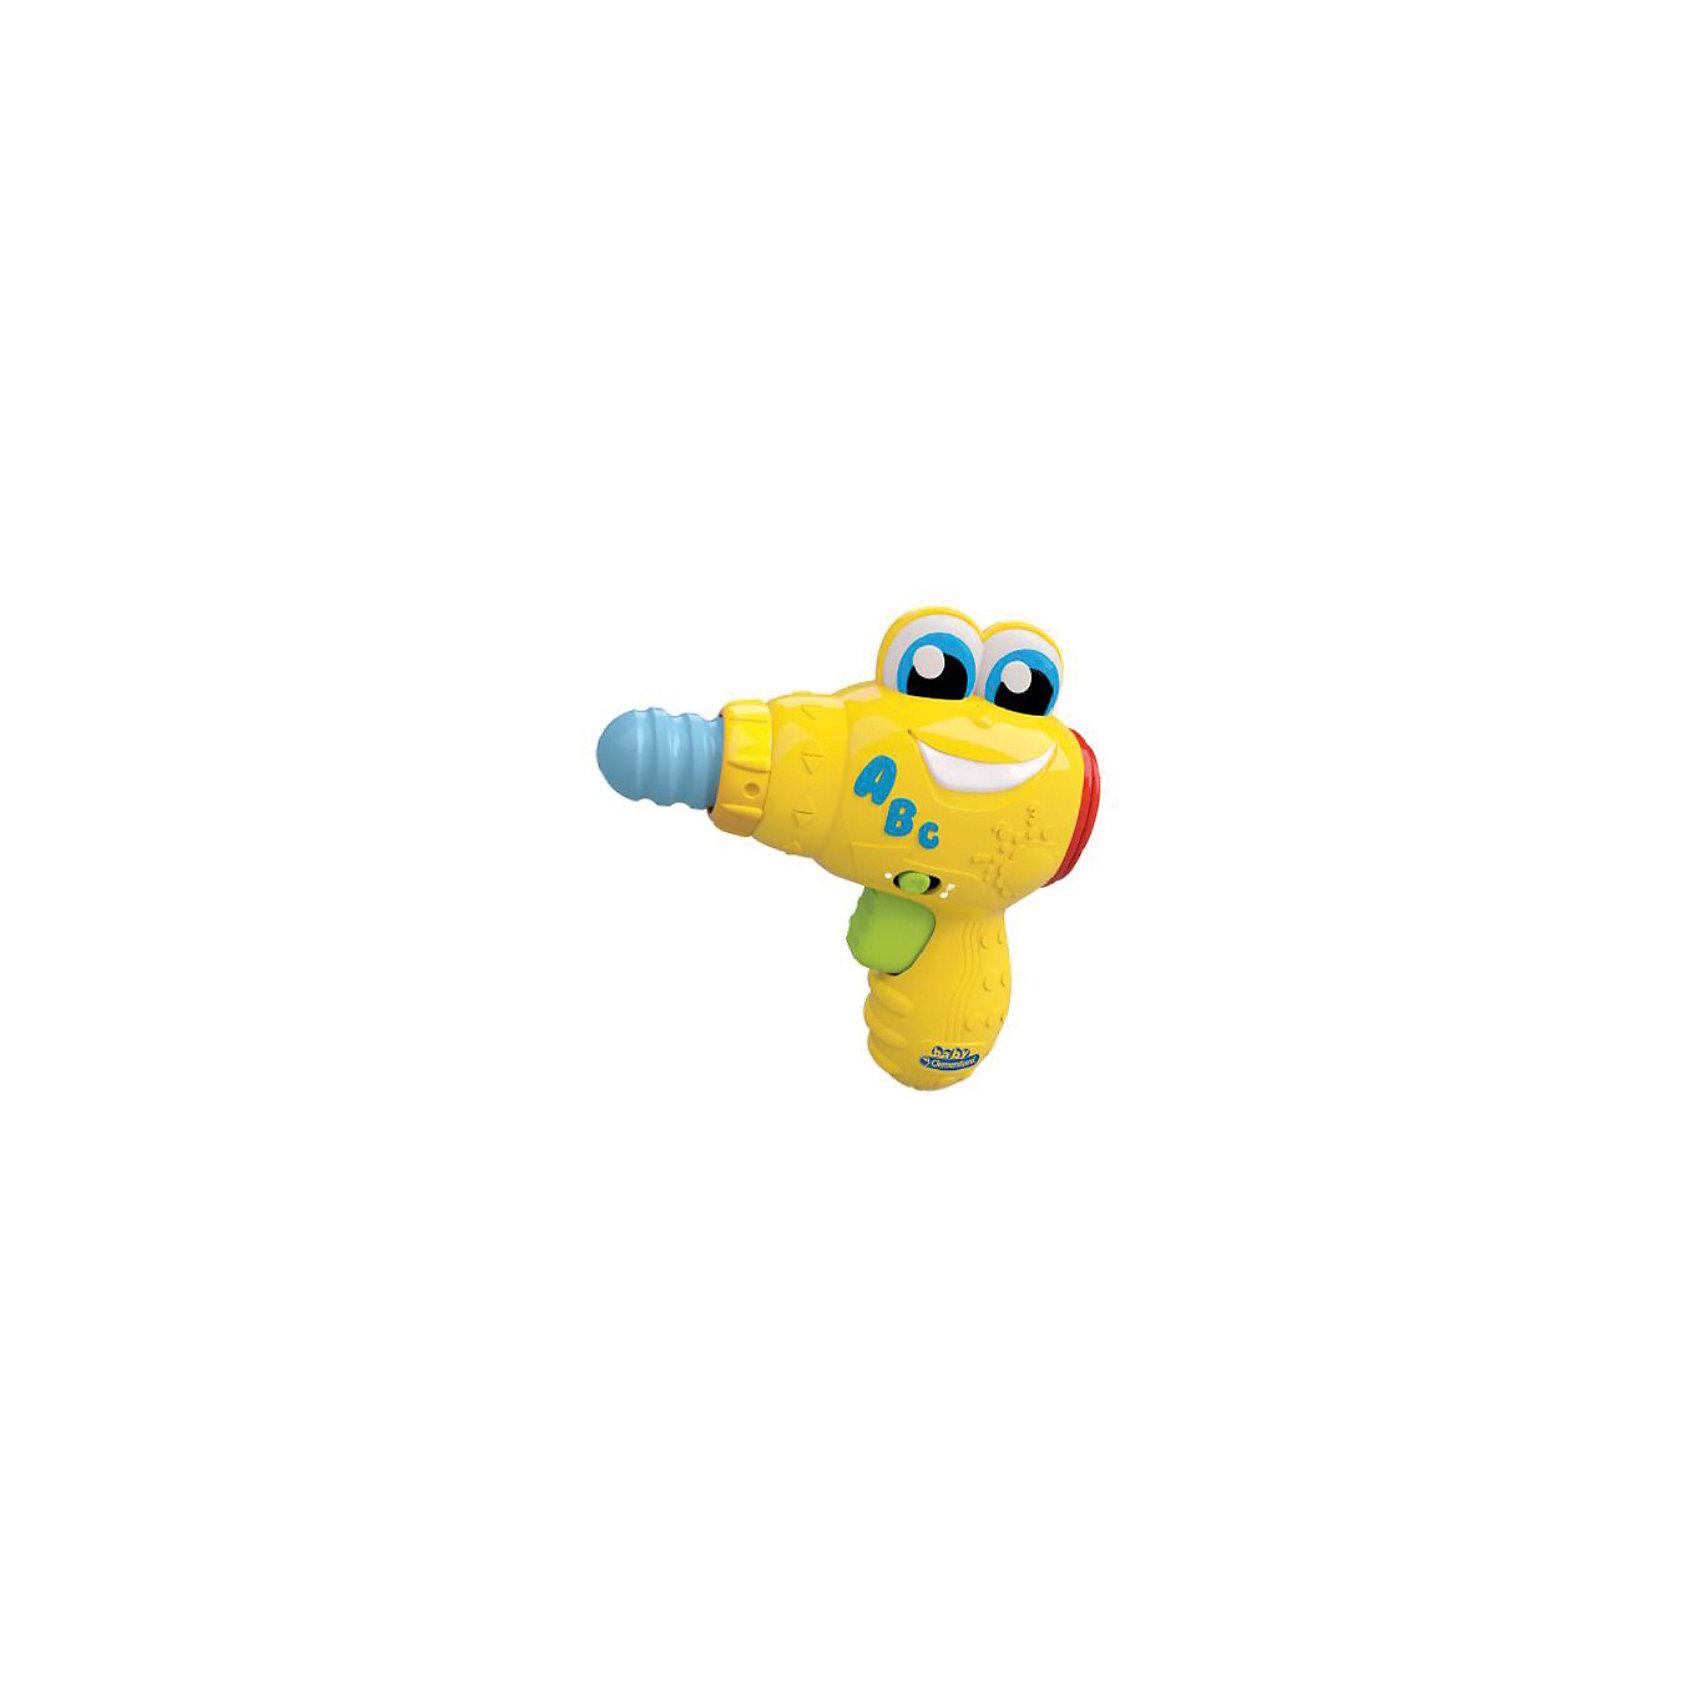 Дрель Берт, Baby ClementoniВеселая Дрель Берт от Baby Clementoni (Беби Клементони) - это забавная развивающая игрушка, которая привлечет и позабавит Вашего малыша. Берт выглядит как настоящая дрель, у нее веселая улыбающаяся мордочка и вращающееся сверло.<br><br>На боку Берта буквы, которые малыш сможет запомнить и прослушать, и разноцветные кнопочки, при нажатии на которые его ждут звуковые сюрпризы и веселые<br>песенки. При вращении сверла также раздаются забавные звуки. Игрушка развивает мелкую моторику, координацию движений, цветовое и звуковое восприятия. Дрель выполнена из прочного пластика без острых углов и полностью безопасна для малышей. <br><br>Дополнительная информация:<br><br>- Материал: пластик.<br>- Требуются батарейки; 3 х LR44 (входят в комплект).<br>- Размер упаковки: 20 х14 х 5 см.<br>- Вес: 159 гр.<br><br>Дрель Берт, Baby Clementoni можно купить в нашем интернет-магазине.<br><br>Ширина мм: 140<br>Глубина мм: 60<br>Высота мм: 200<br>Вес г: 200<br>Возраст от месяцев: 10<br>Возраст до месяцев: 36<br>Пол: Мужской<br>Возраст: Детский<br>SKU: 3674114